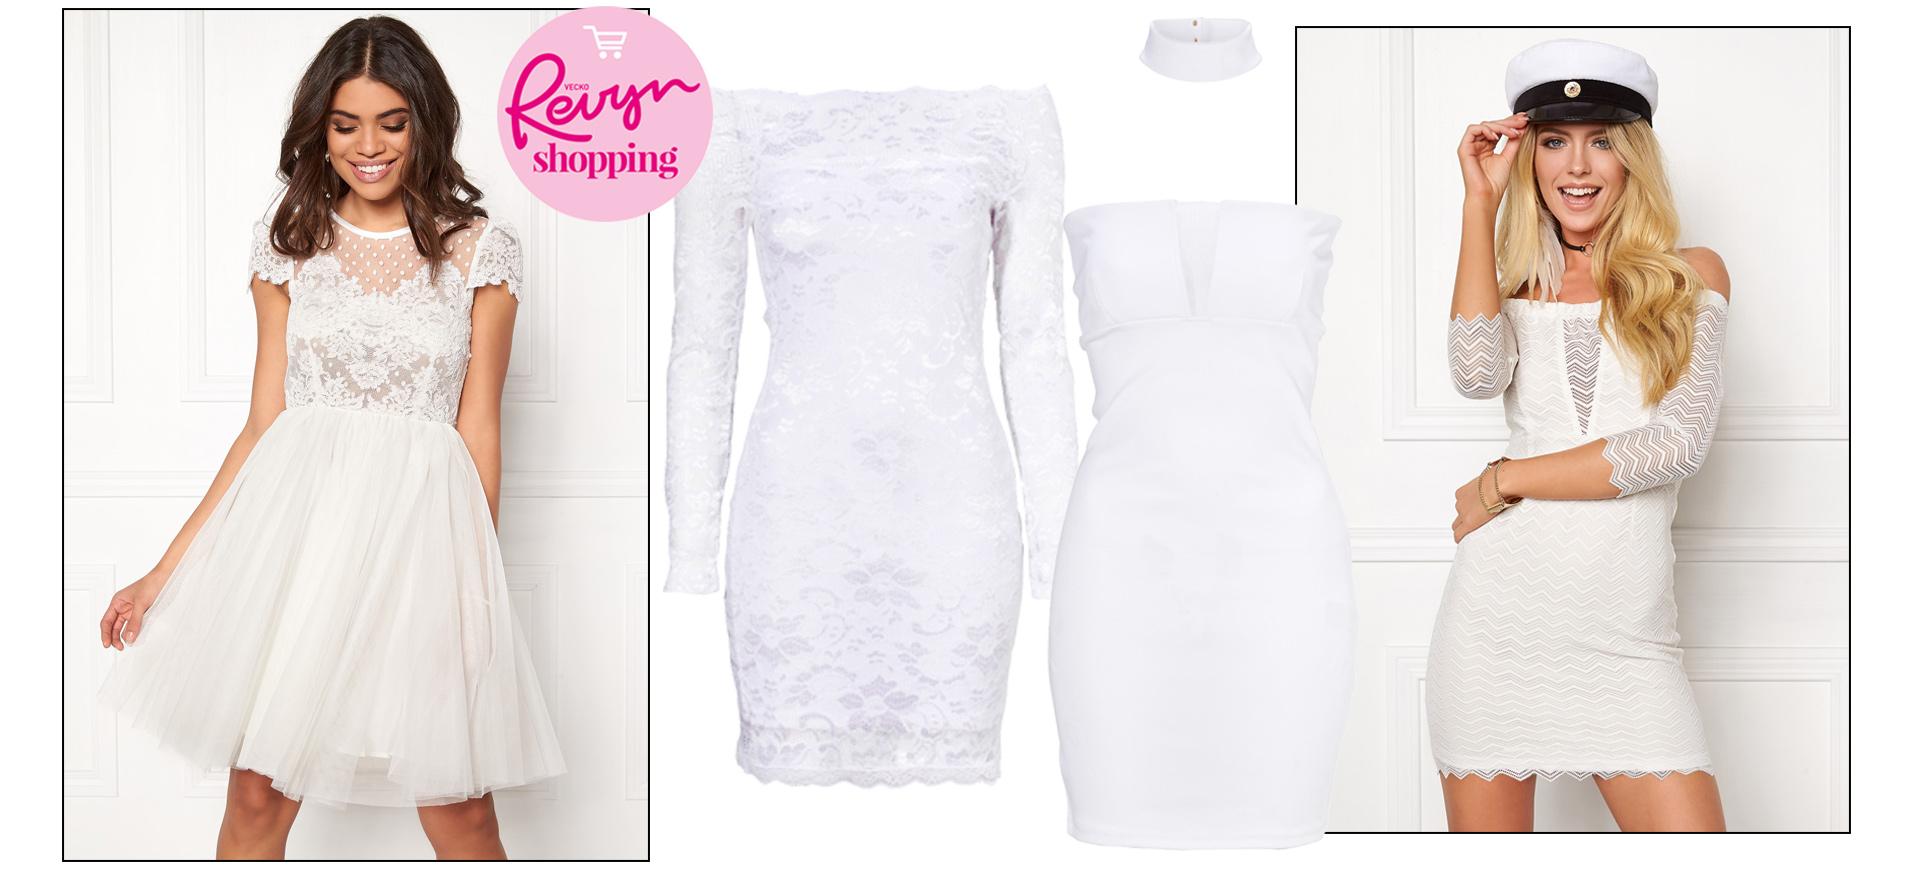 Vit klänning i spets eller vit långklänning är fin till sommaren och studenten.